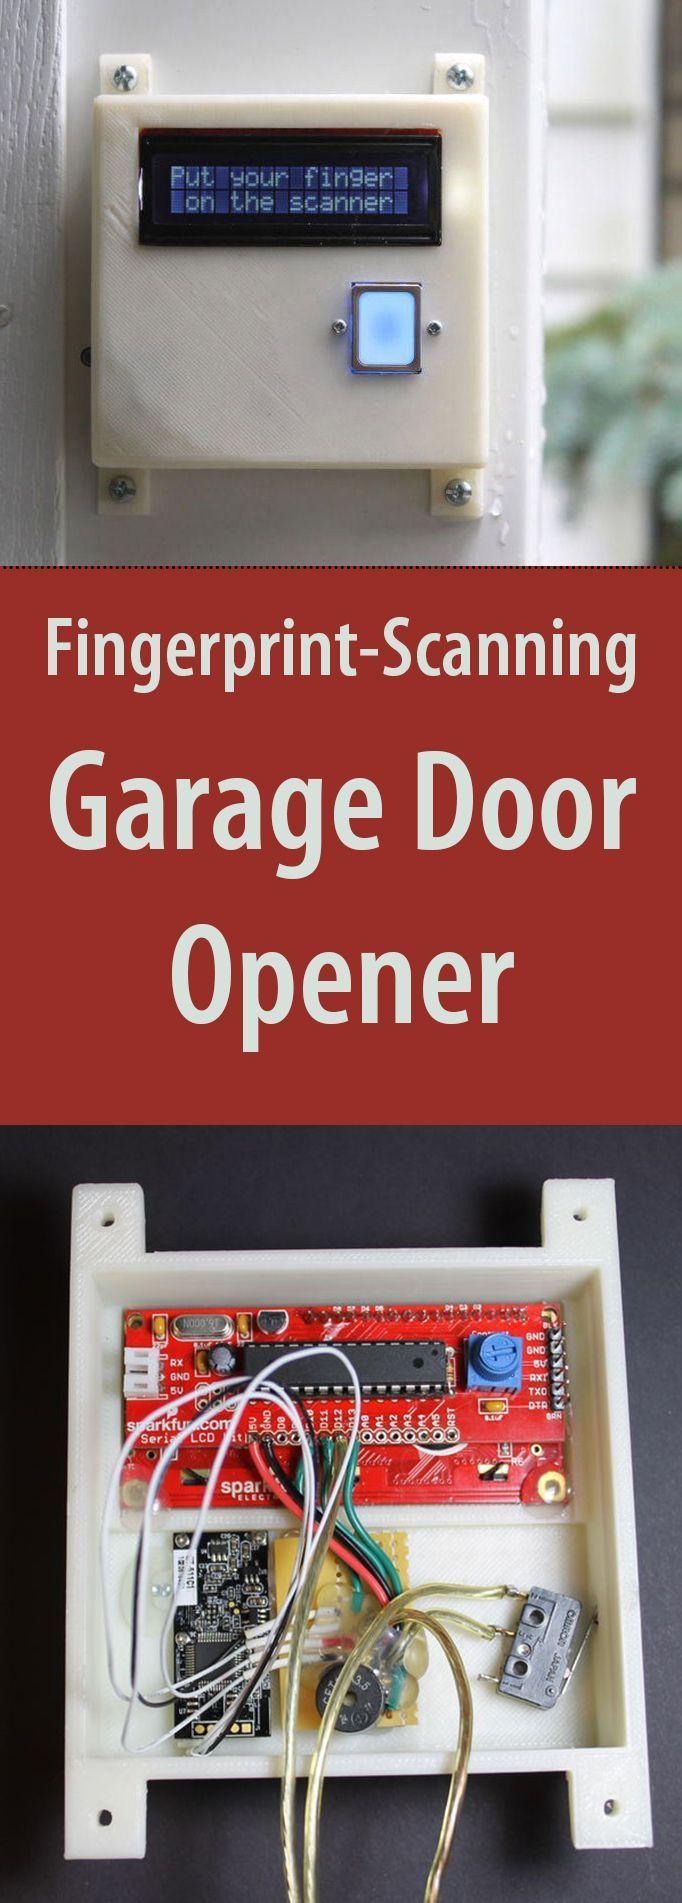 Diy Fingerprint Scanning Garage Door Opener Pinterest Tech Pc